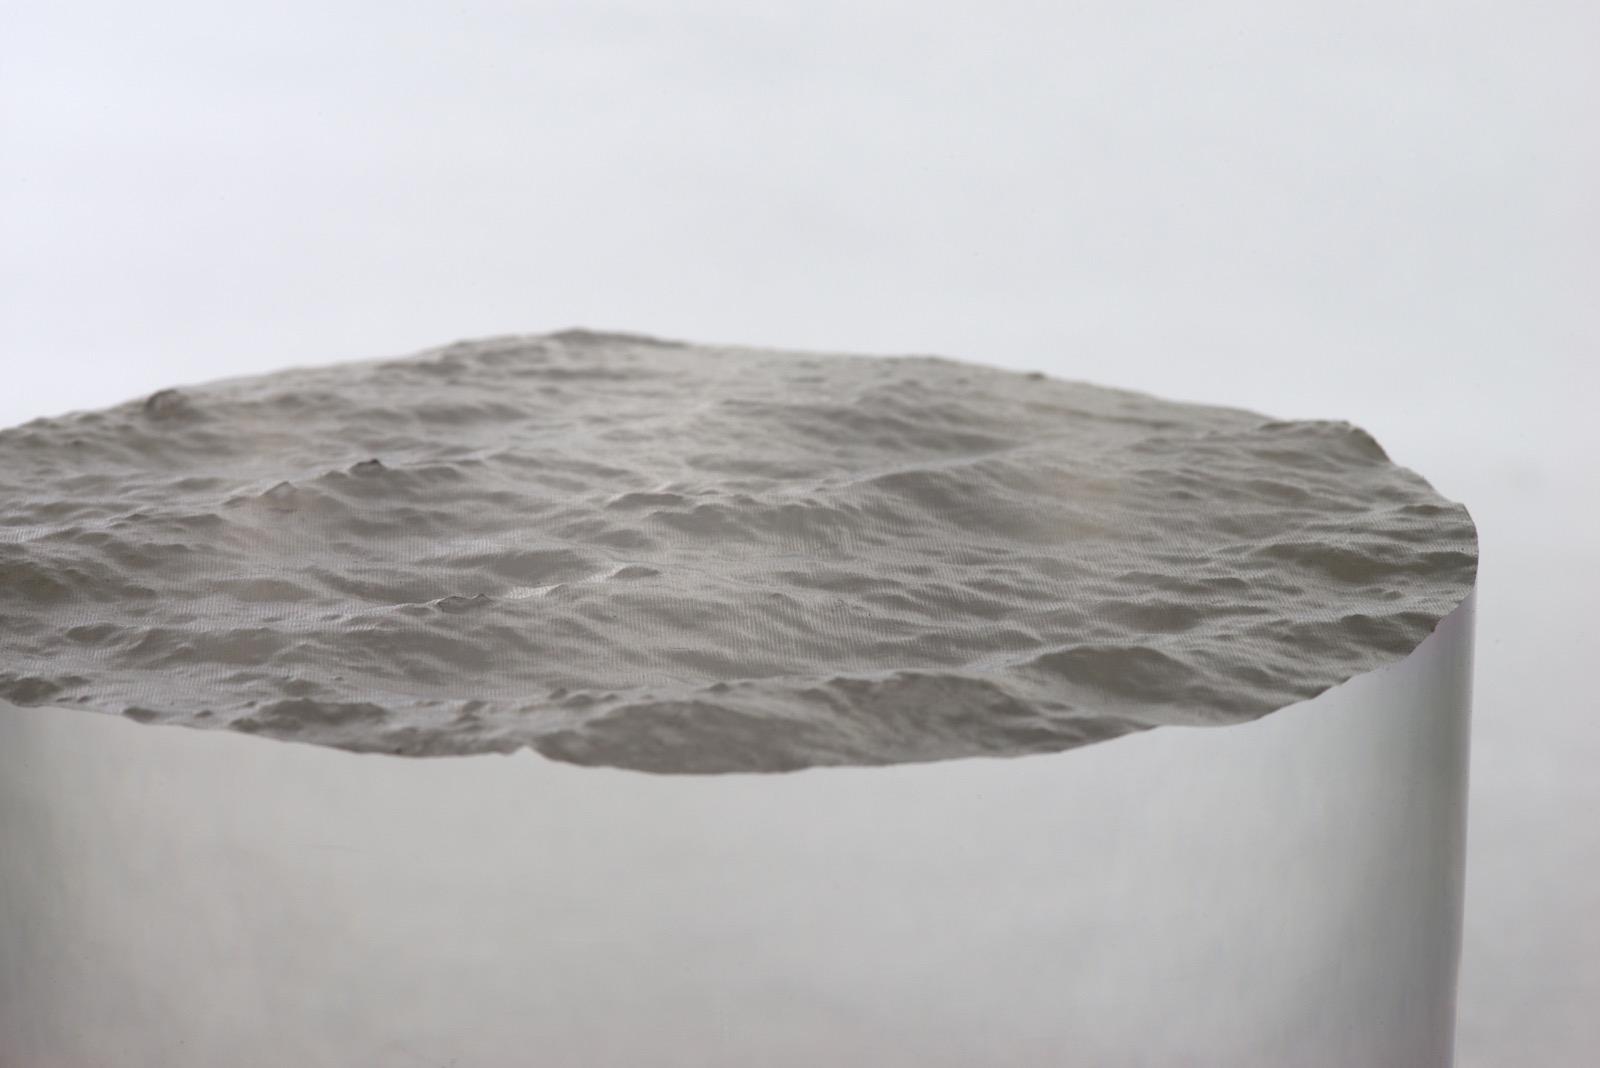 """""""46°41'58.365"""" lat. -91°59'49.0128"""" long. @ 30m"""" von David Bowen"""